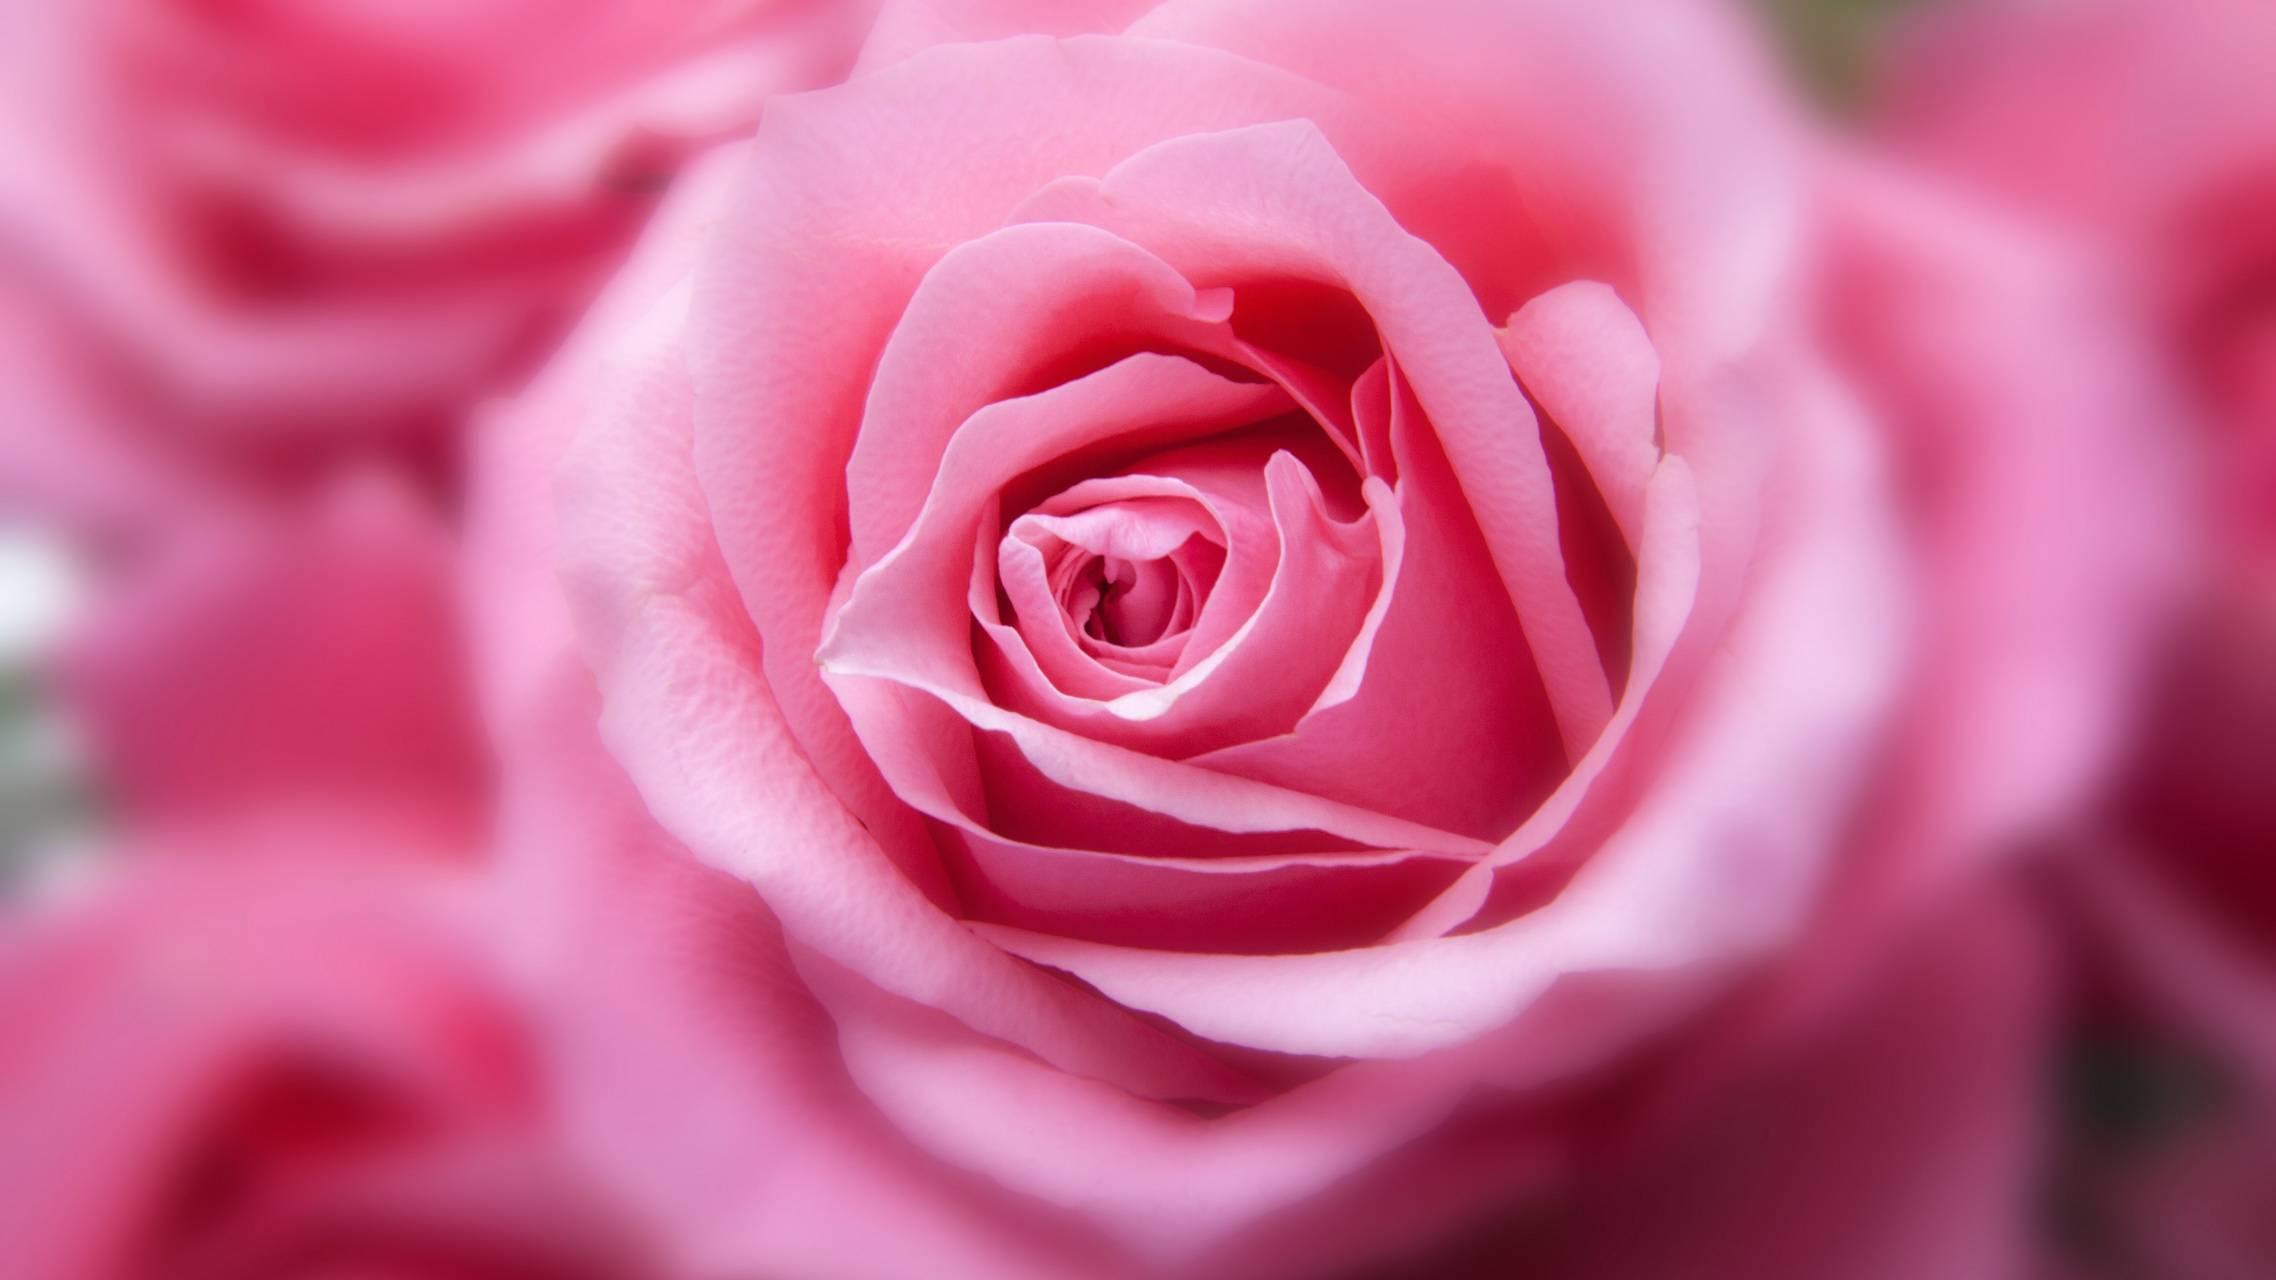 Bink rose